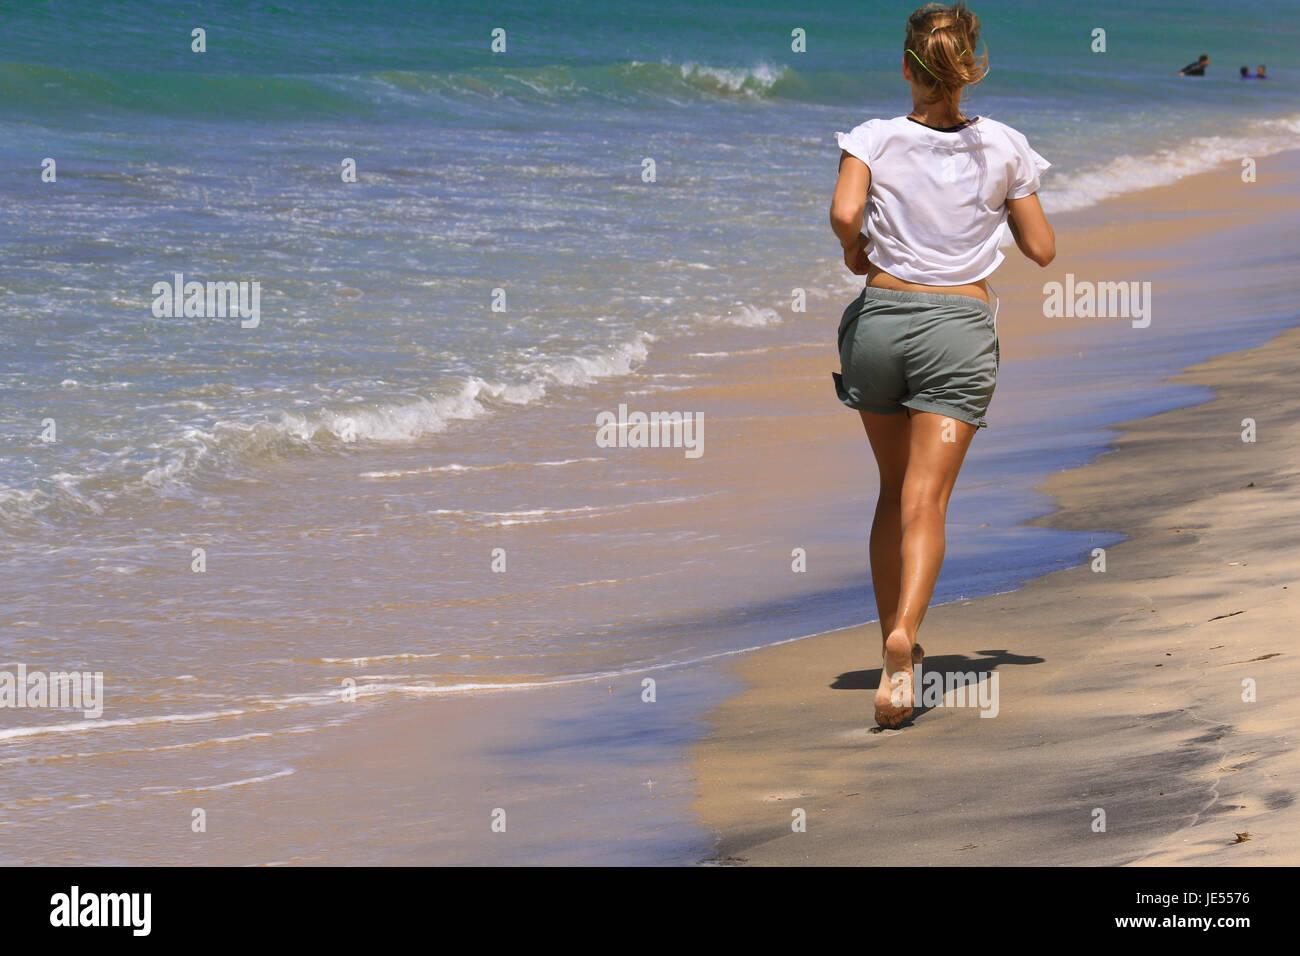 Sportliche Mädchen läuft am Strand des Ozeans für den perfekten Körper in Ordnung zu halten Stockbild